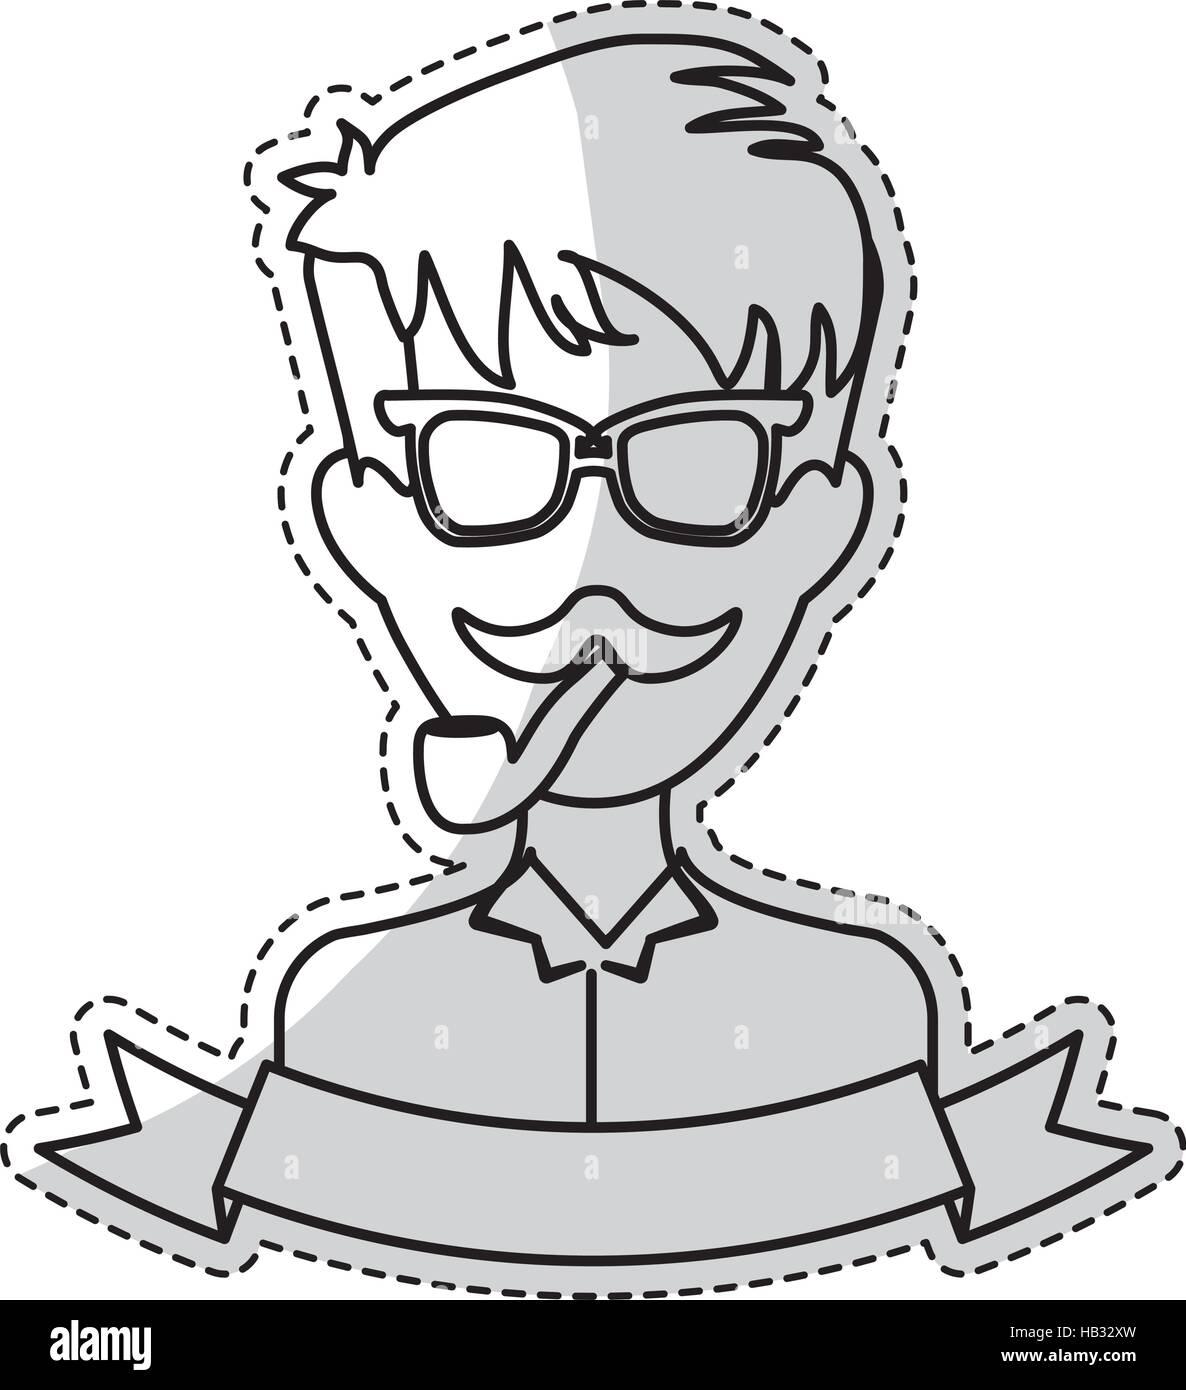 Sticker de lhomme face avec moustache et lunettes et ruban décoratif sur fond blanc